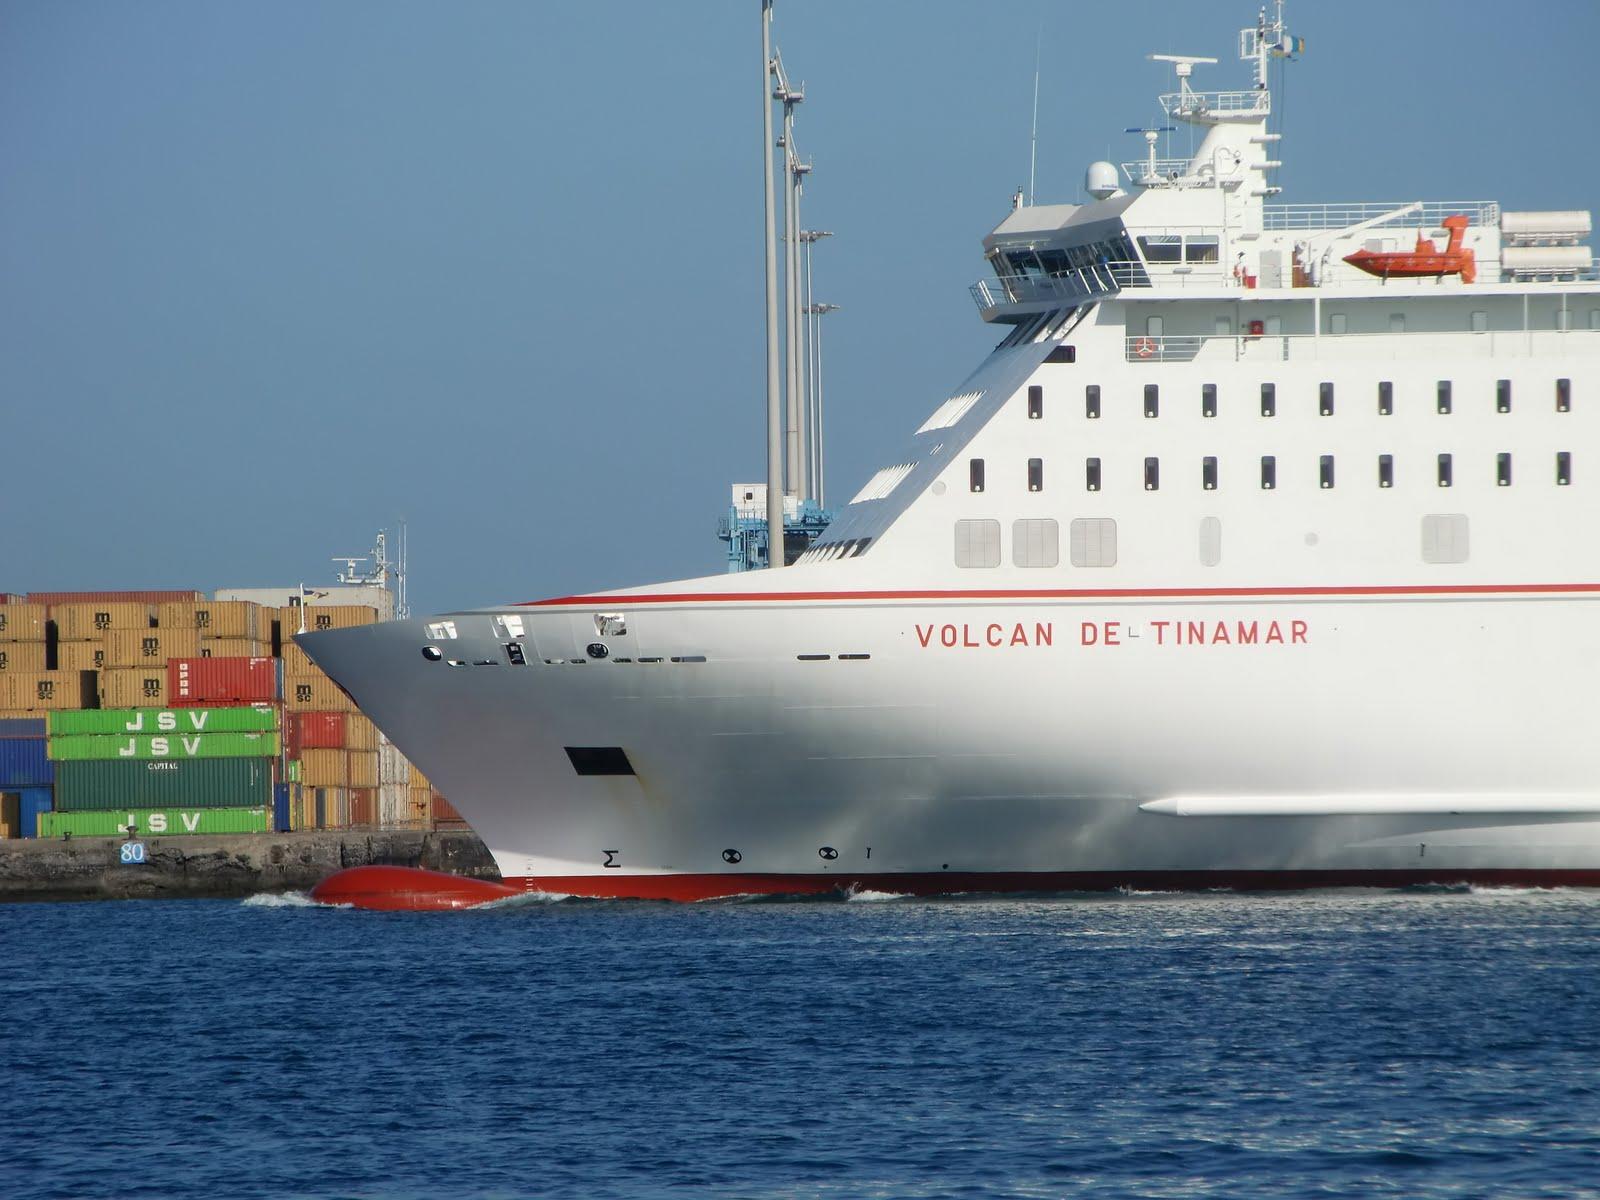 Islas canarias volcan de tinamar vessel buque de for Horario oficina naviera armas las palmas